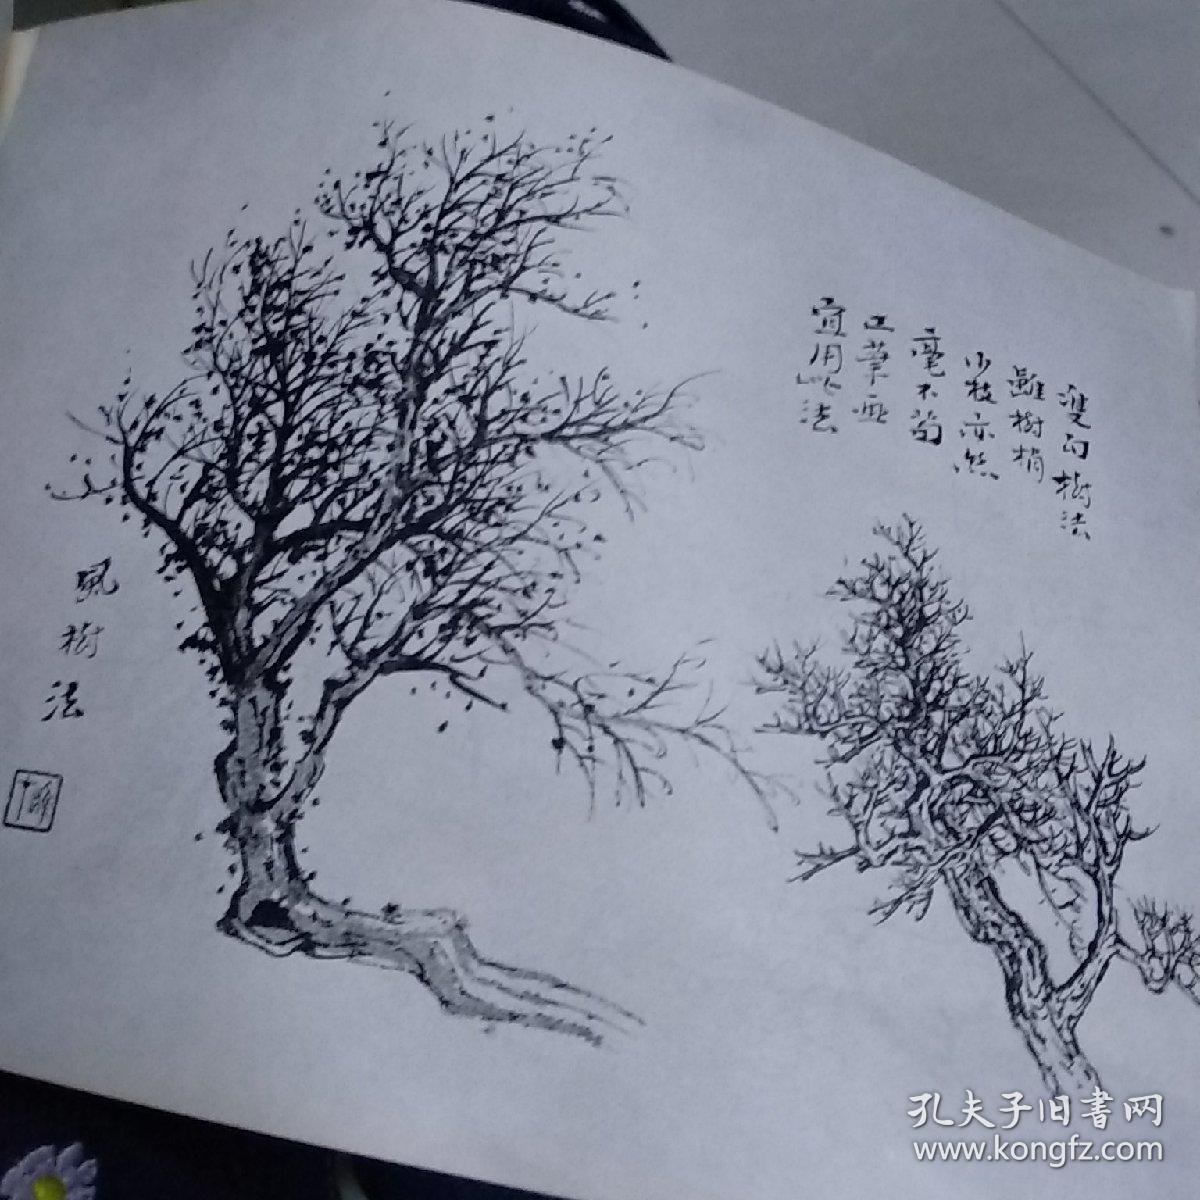 黎雄才山水画谱 上篇 树木图片